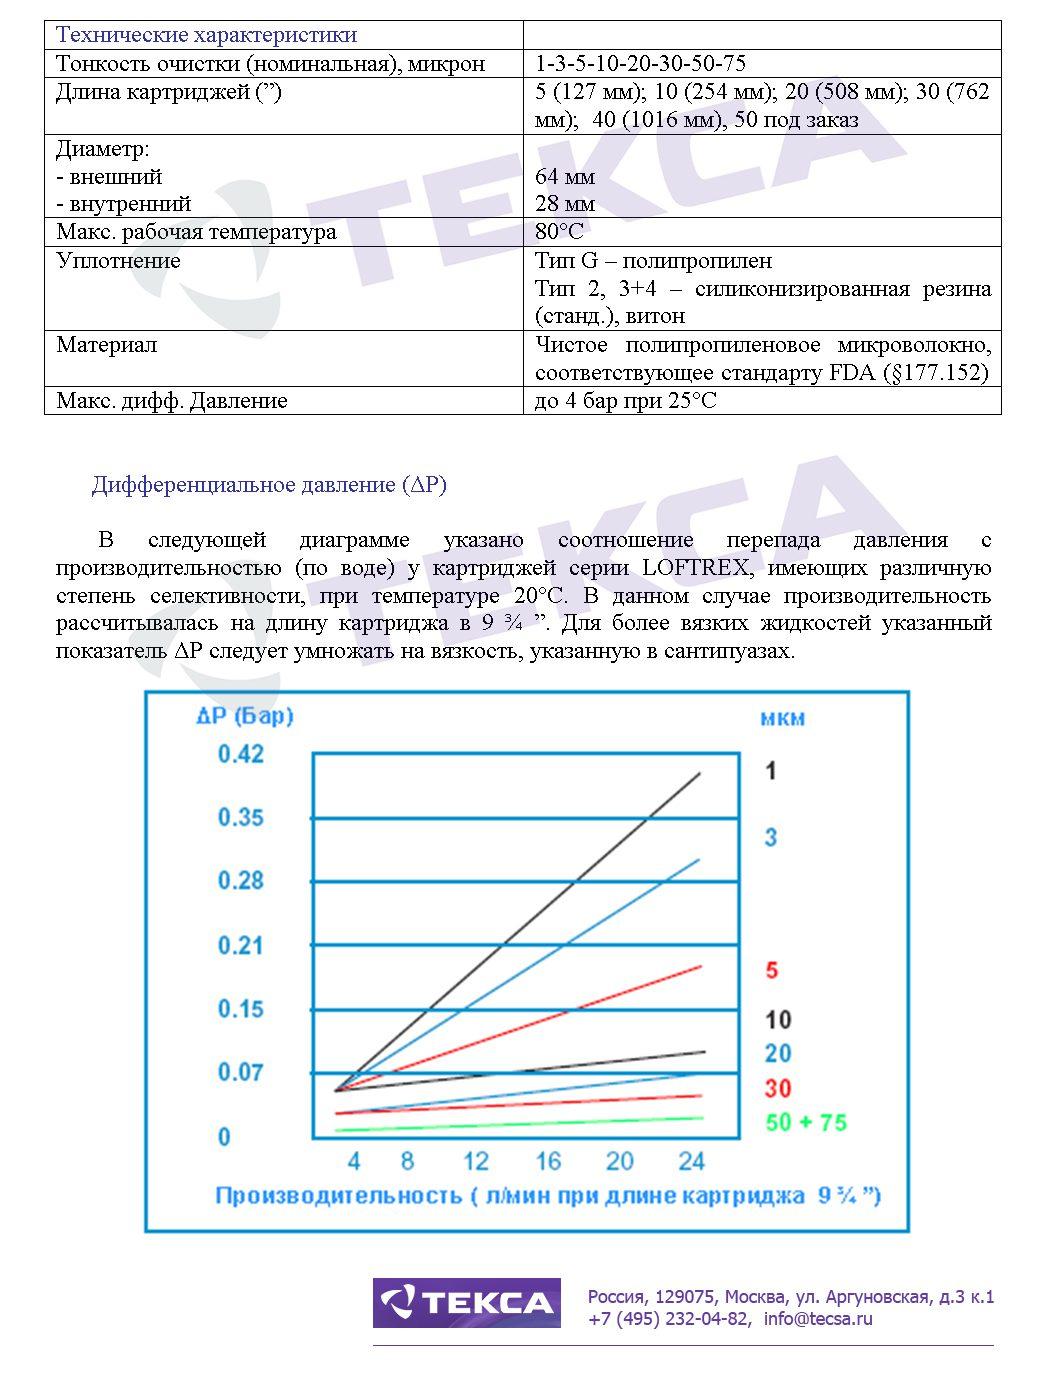 Технические характеристики фильтровальных картриджей LOFREX